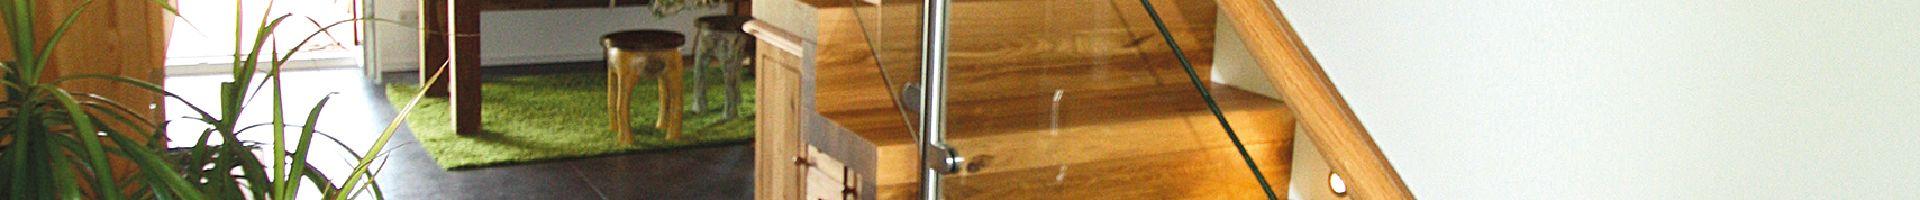 Faltwerktreppen - modern und geradlinig